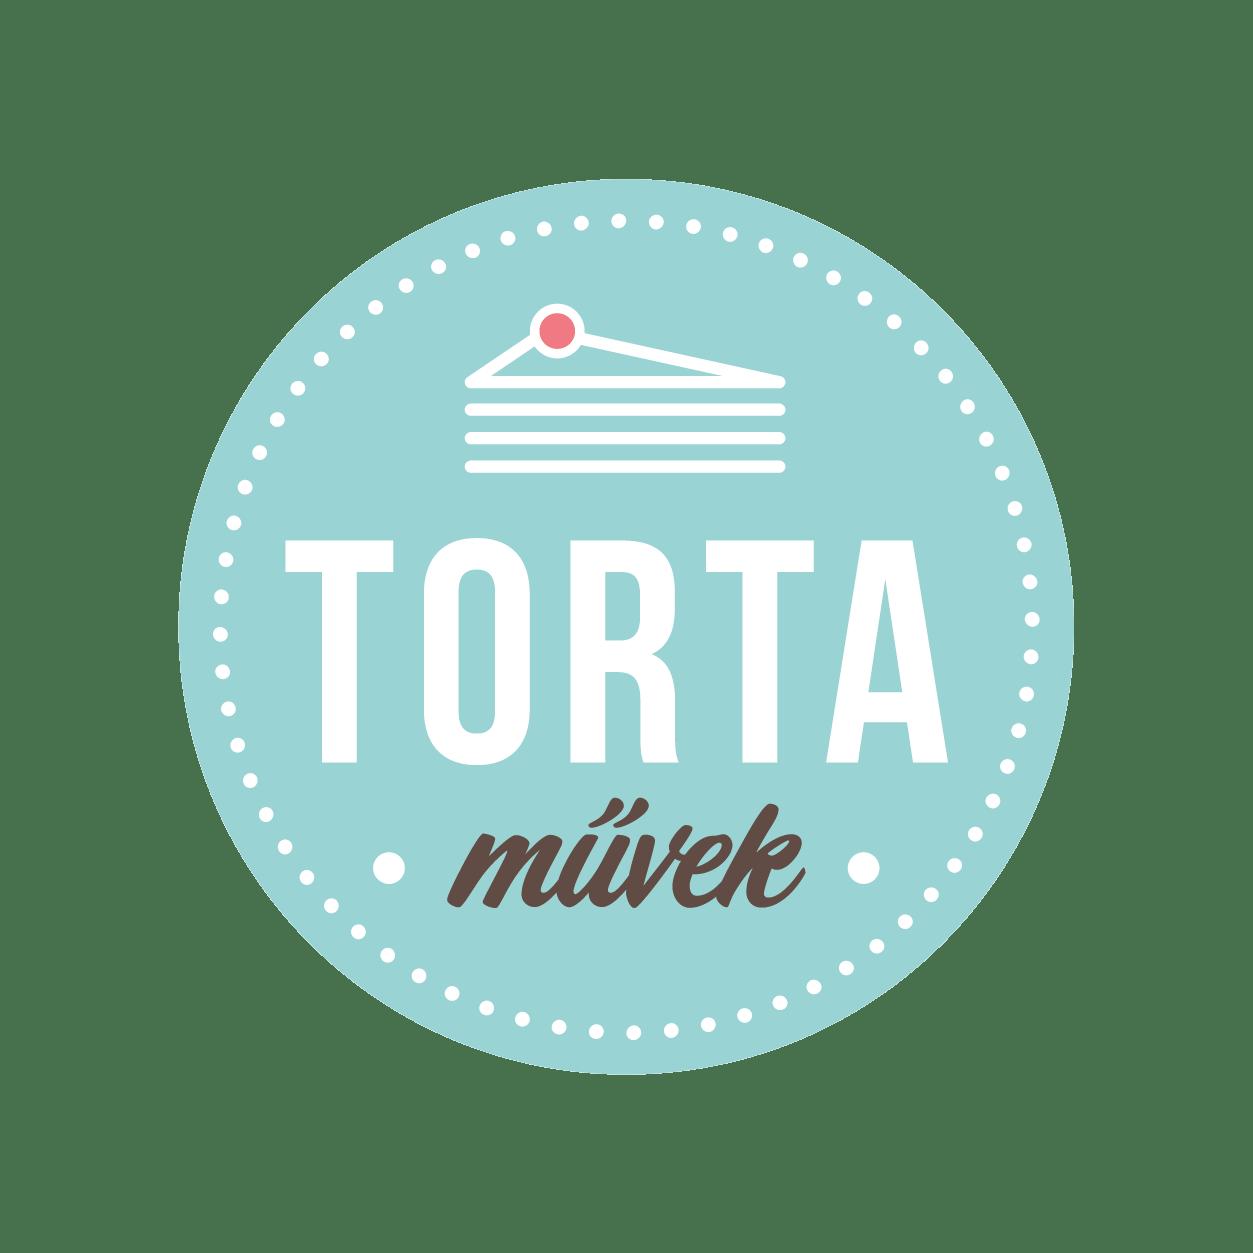 TORTA MŰVEK